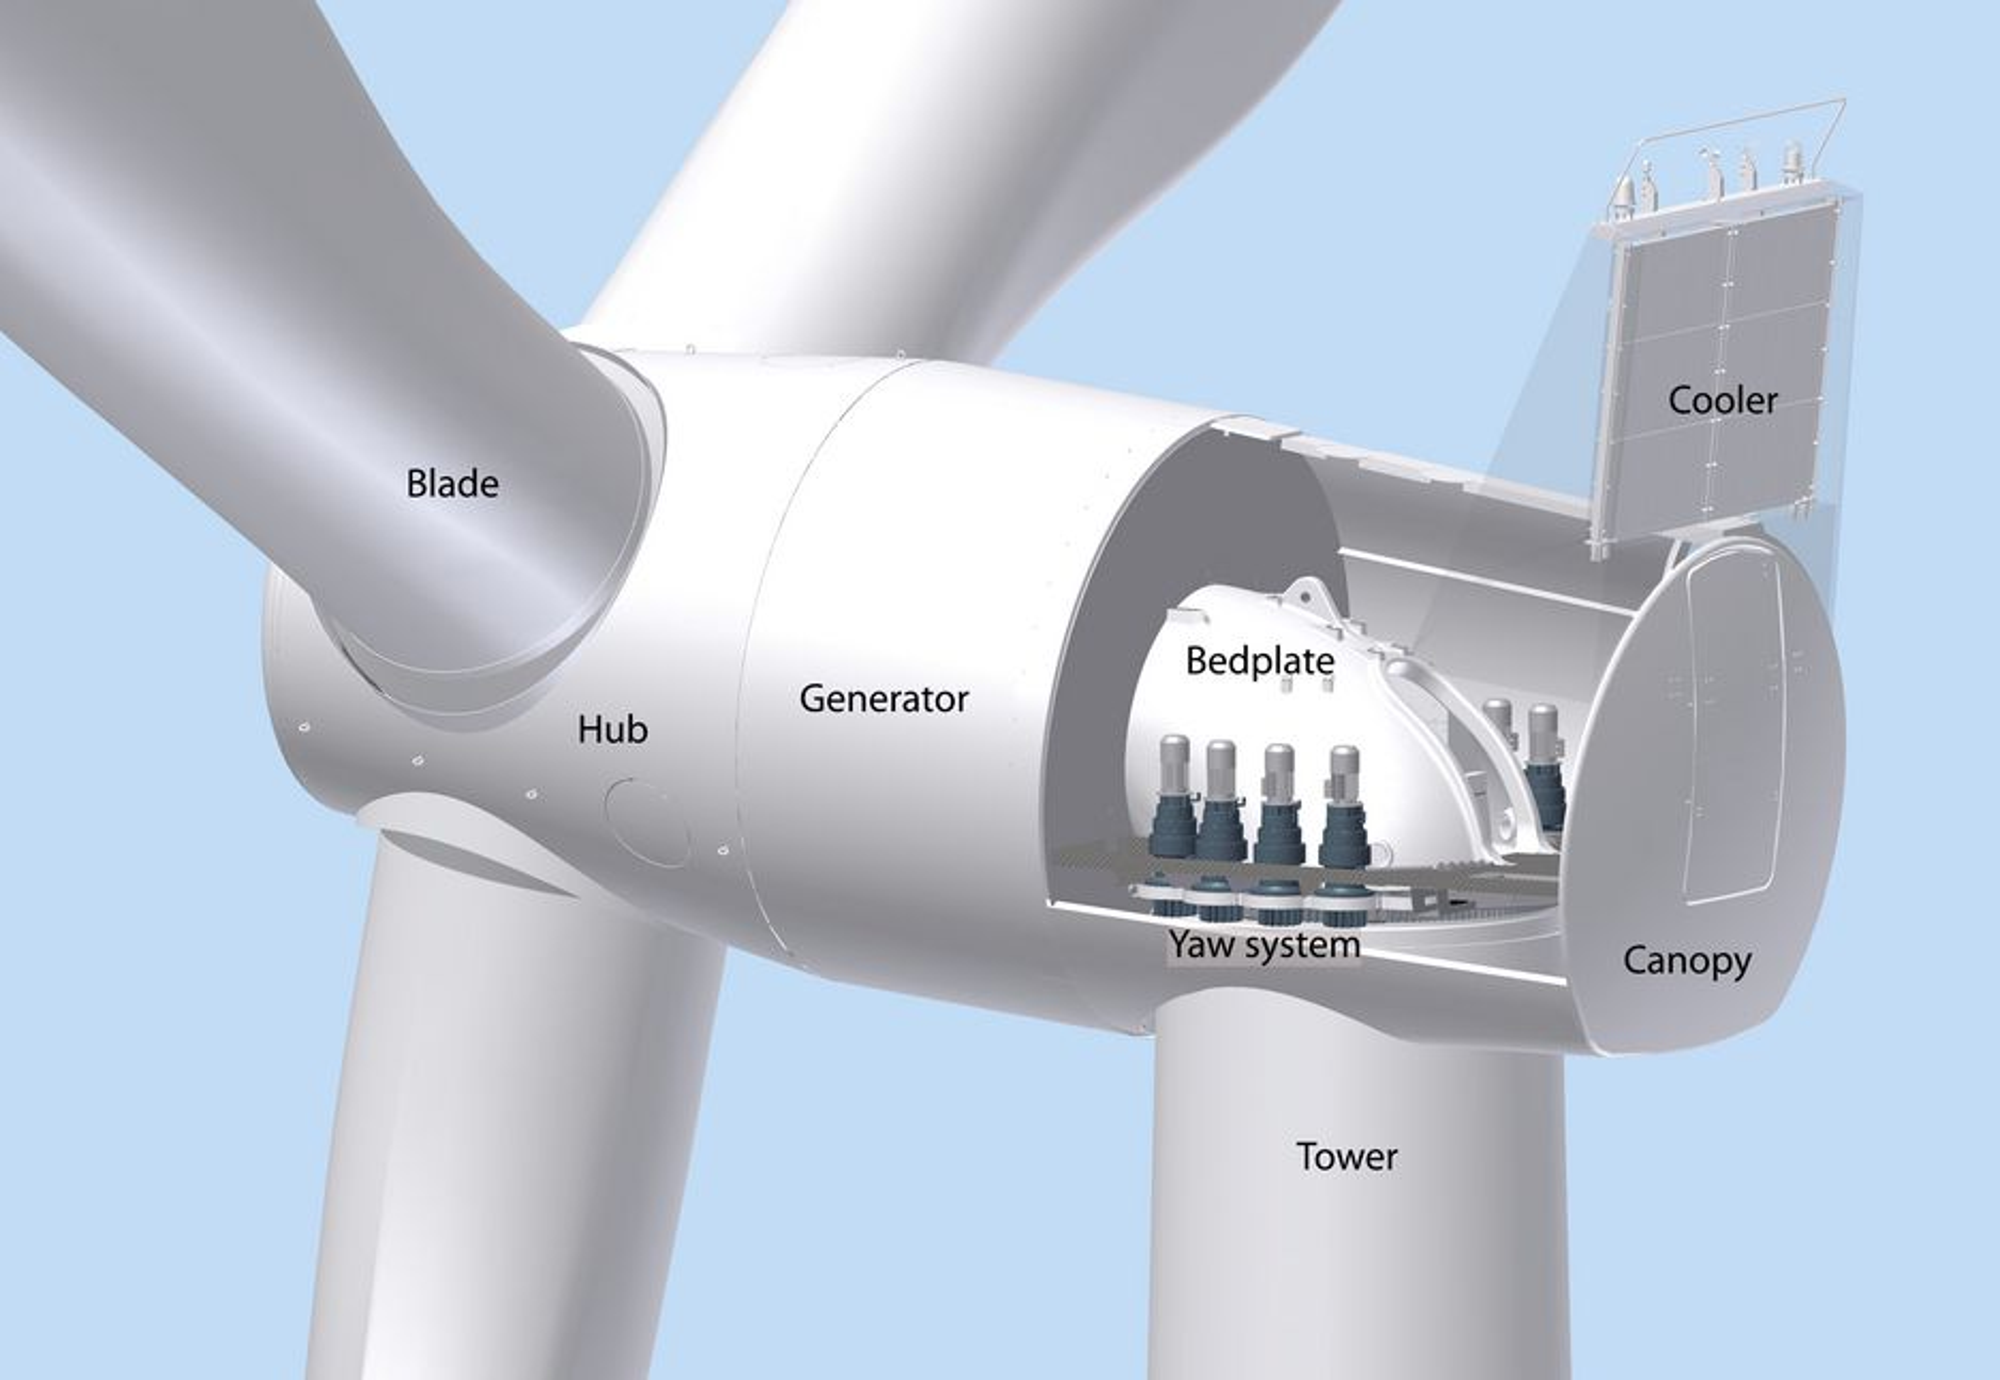 GIRLØS: Siemens har lansert en direktedrevet turbin hvor de har redusert antall deler med 50 prosent sammenlignet med det som finnes i en konvensjonell turbin med gir. Antall bevegelige deler er også halvert.